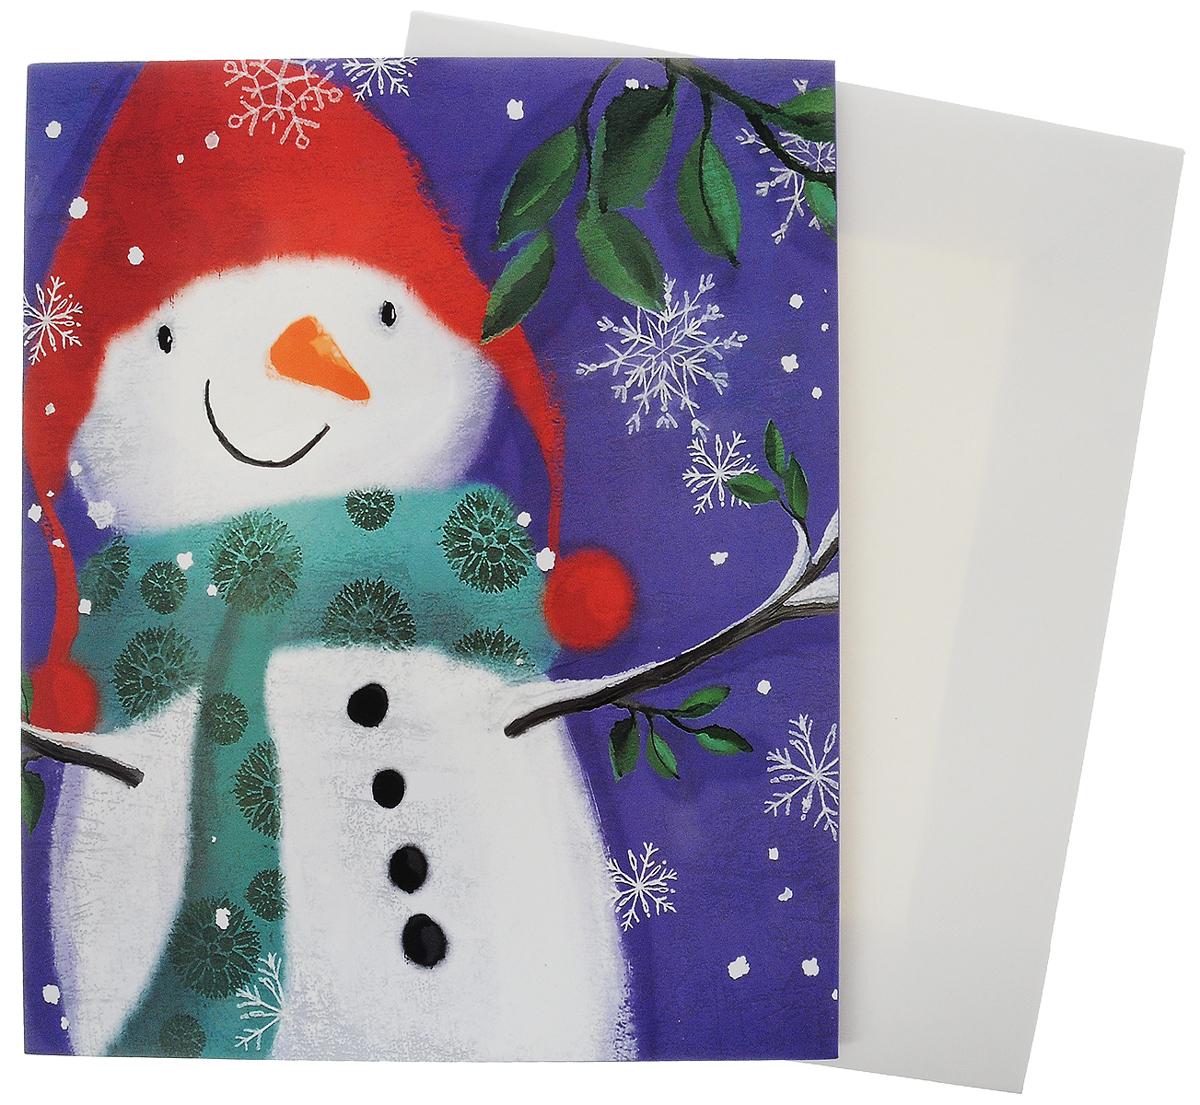 Коробка подарочная Winter Wings, 32 х 26 х 5 смN14062Подарочная коробка Winter Wings выполнена избумаги. Крышка оформлена изображением снеговика. Подарочная коробка - это наилучшее решение, если вы хотите порадовать вашихблизких и создать праздничное настроение, ведь подарок, преподнесенный воригинальной упаковке, всегда будет самым эффектным и запоминающимся.Окружите близких людей вниманием и заботой, вручив презент в нарядном,праздничном оформлении.